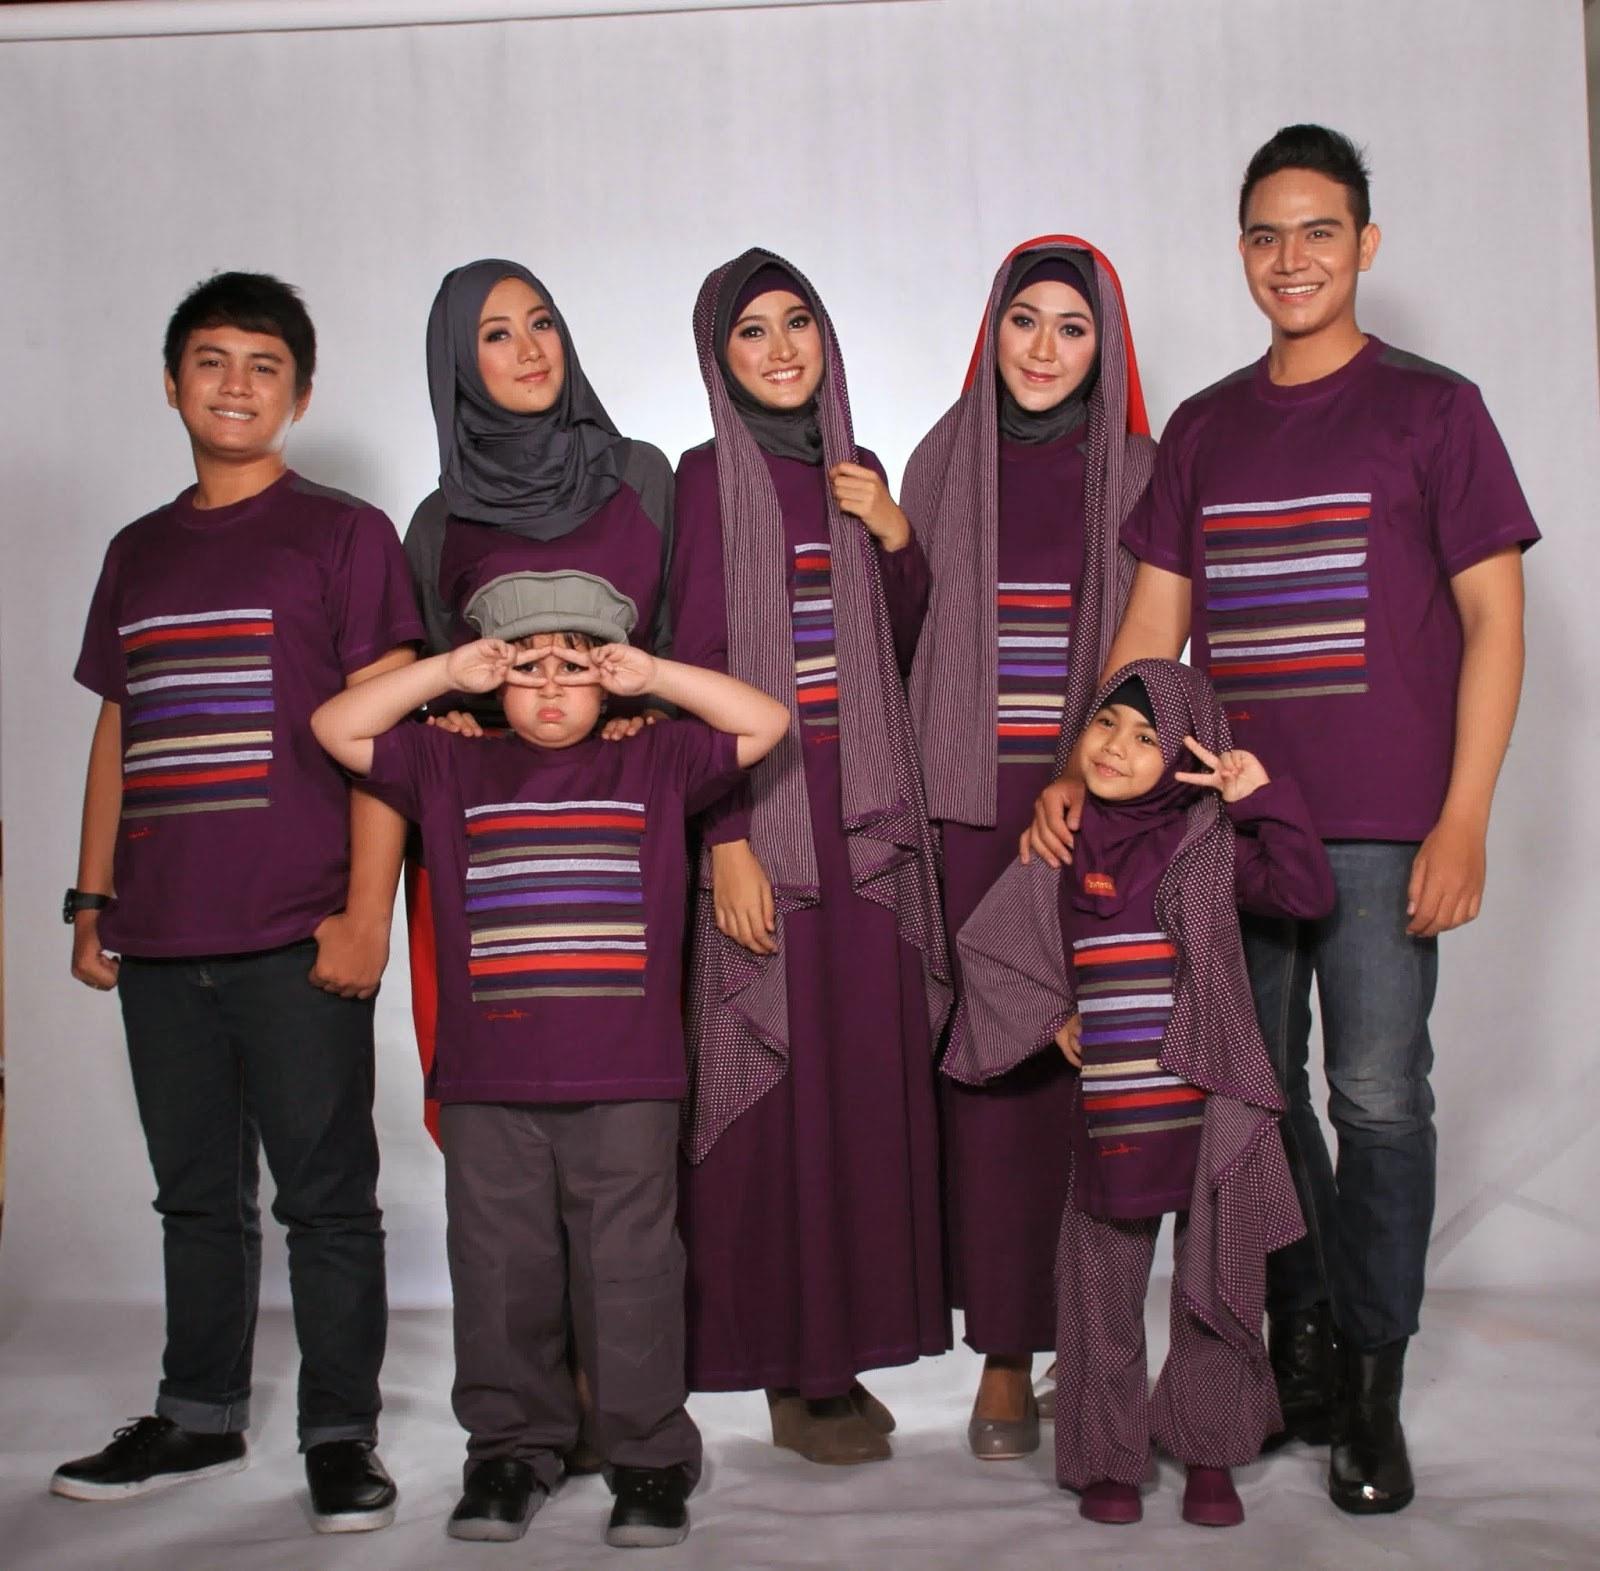 Inspirasi Baju Lebaran Pasangan Suami istri Kvdd Gambar Baju Muslim Pasangan Suami istri Dan Anak Terbaru